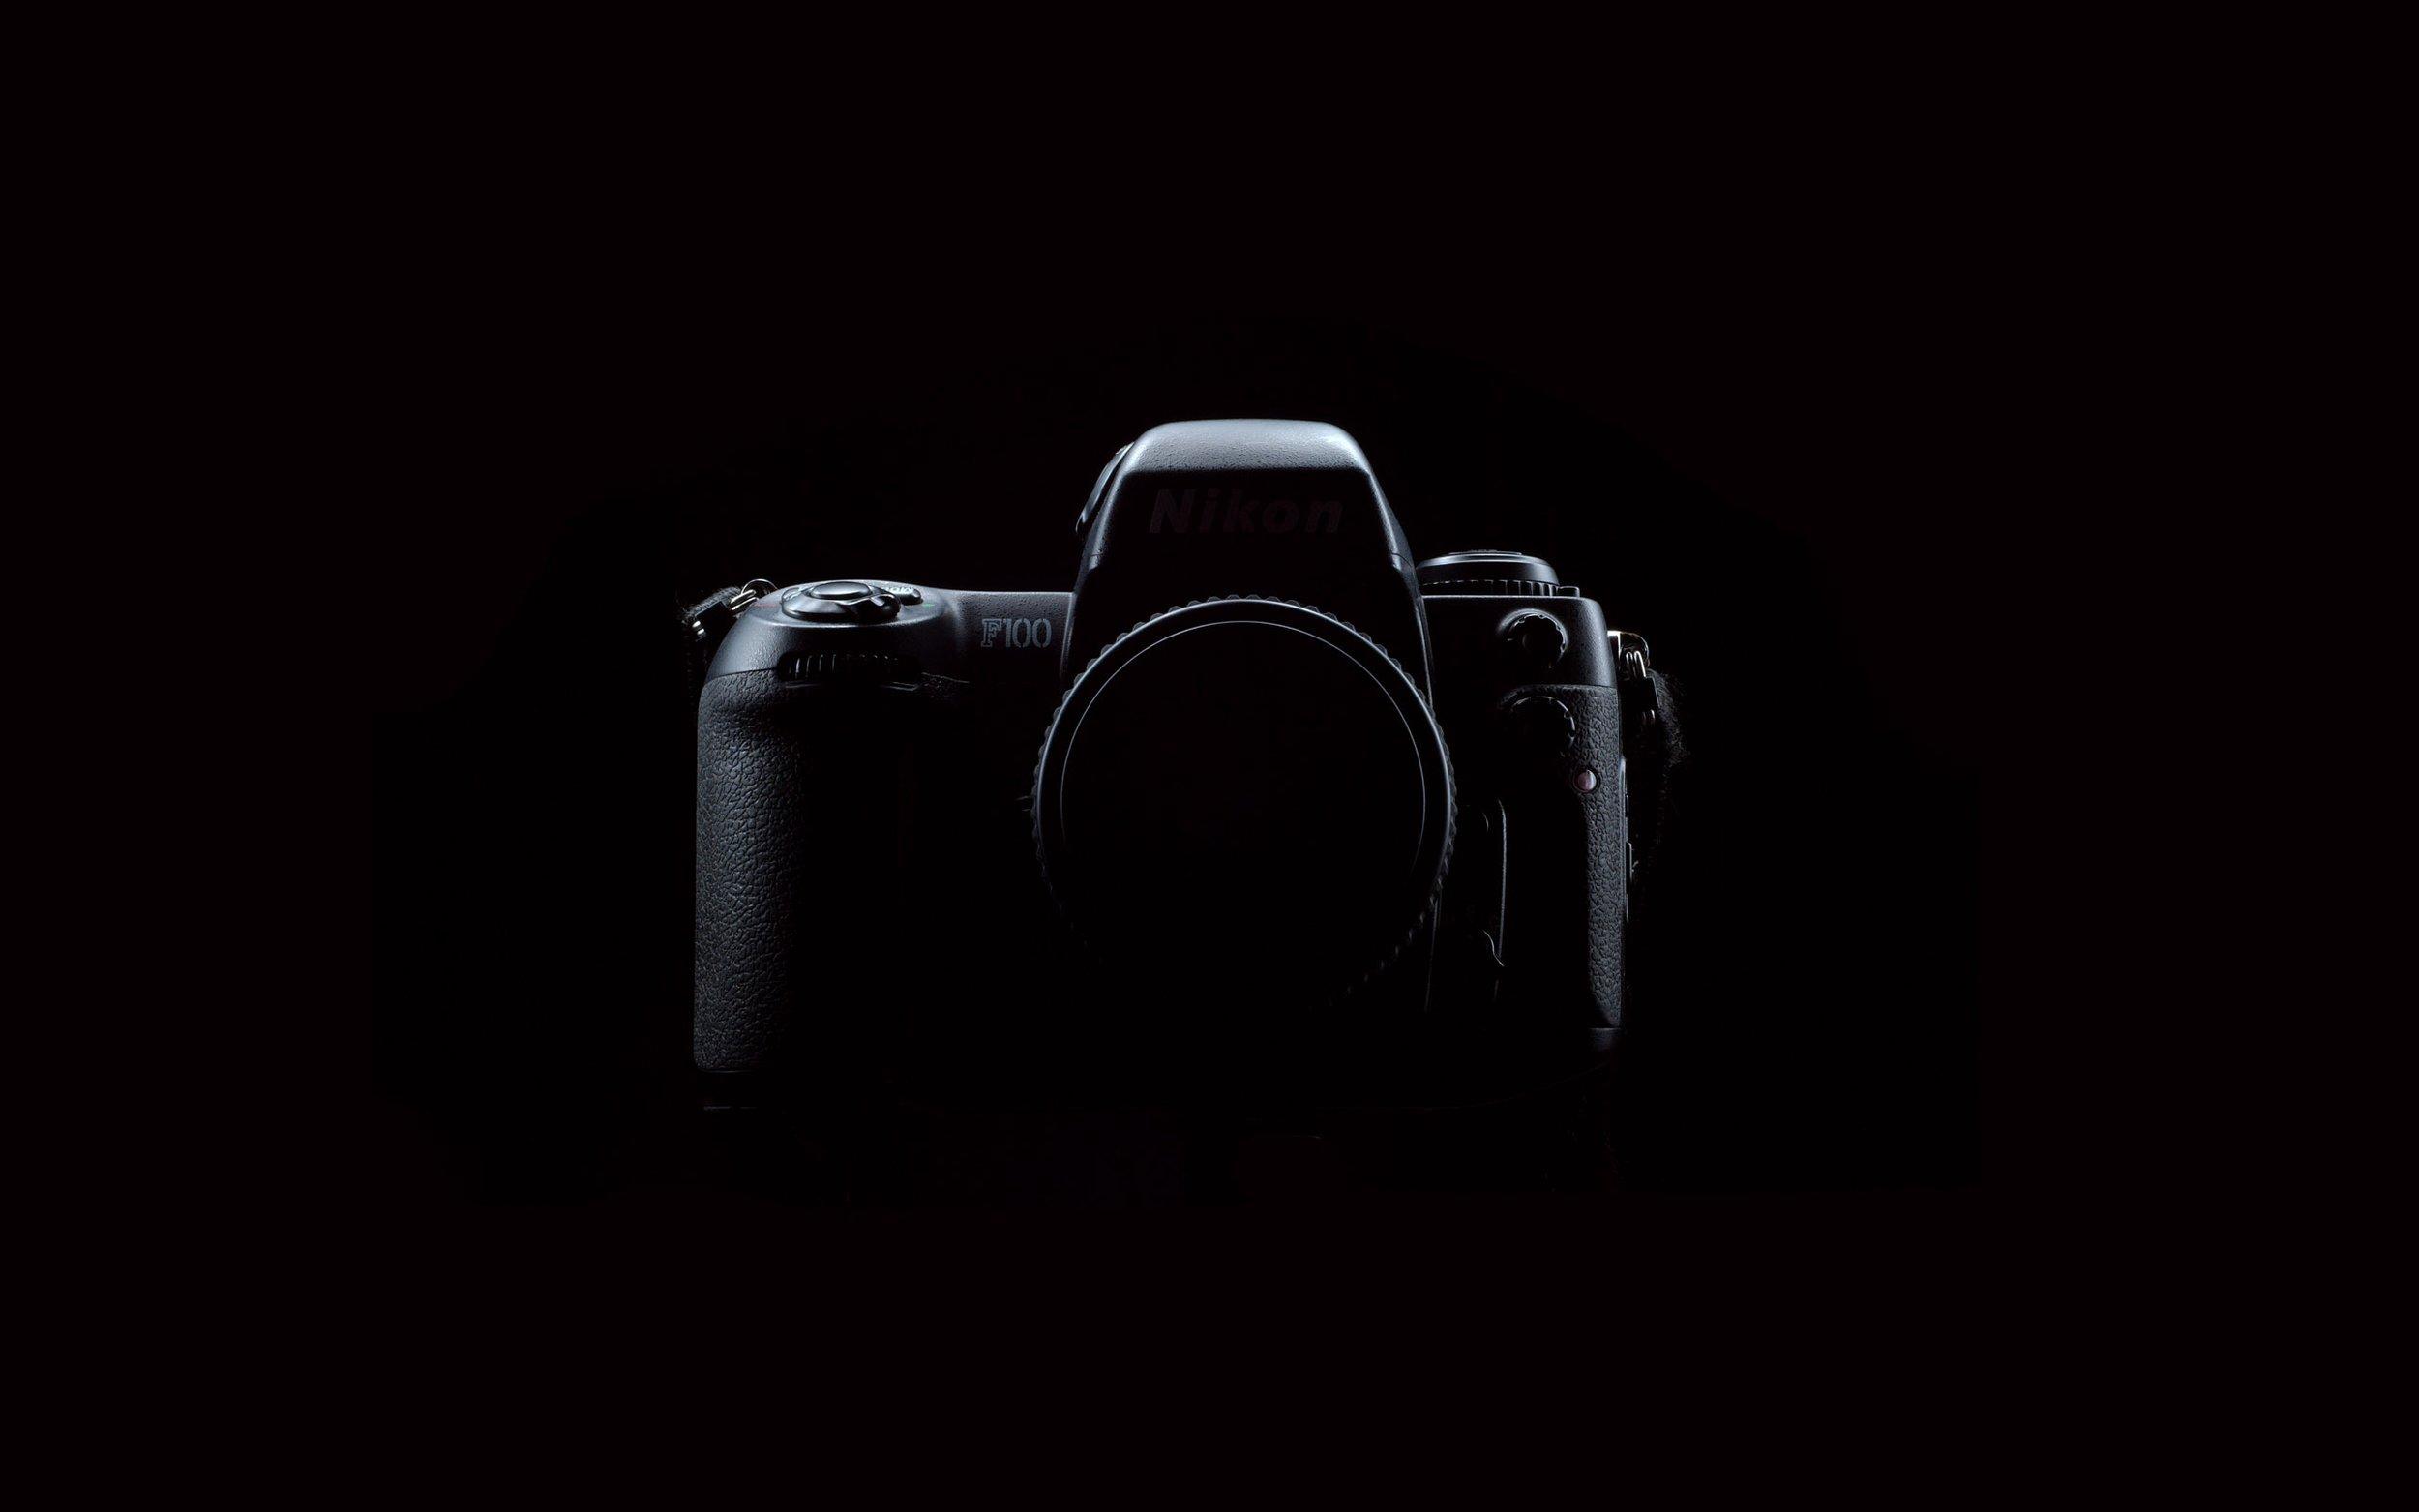 camera_black_light_gray_29667_2560x1600.jpg